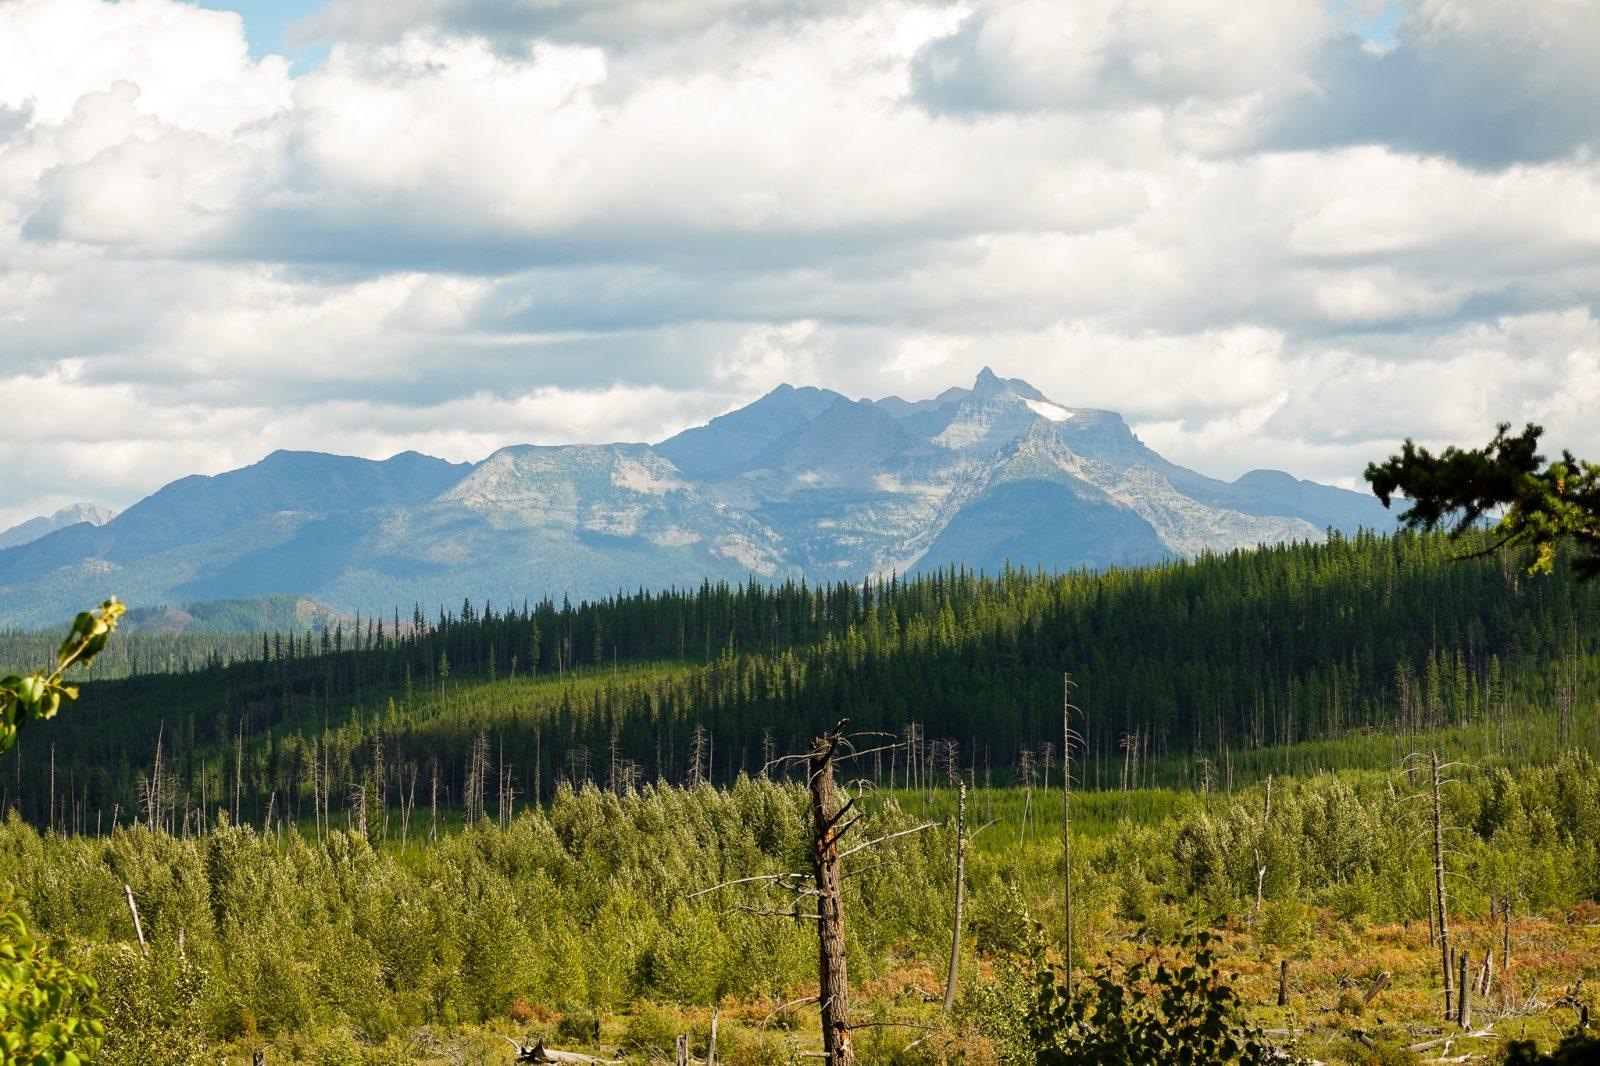 Toppen av Glacier natioenalpark